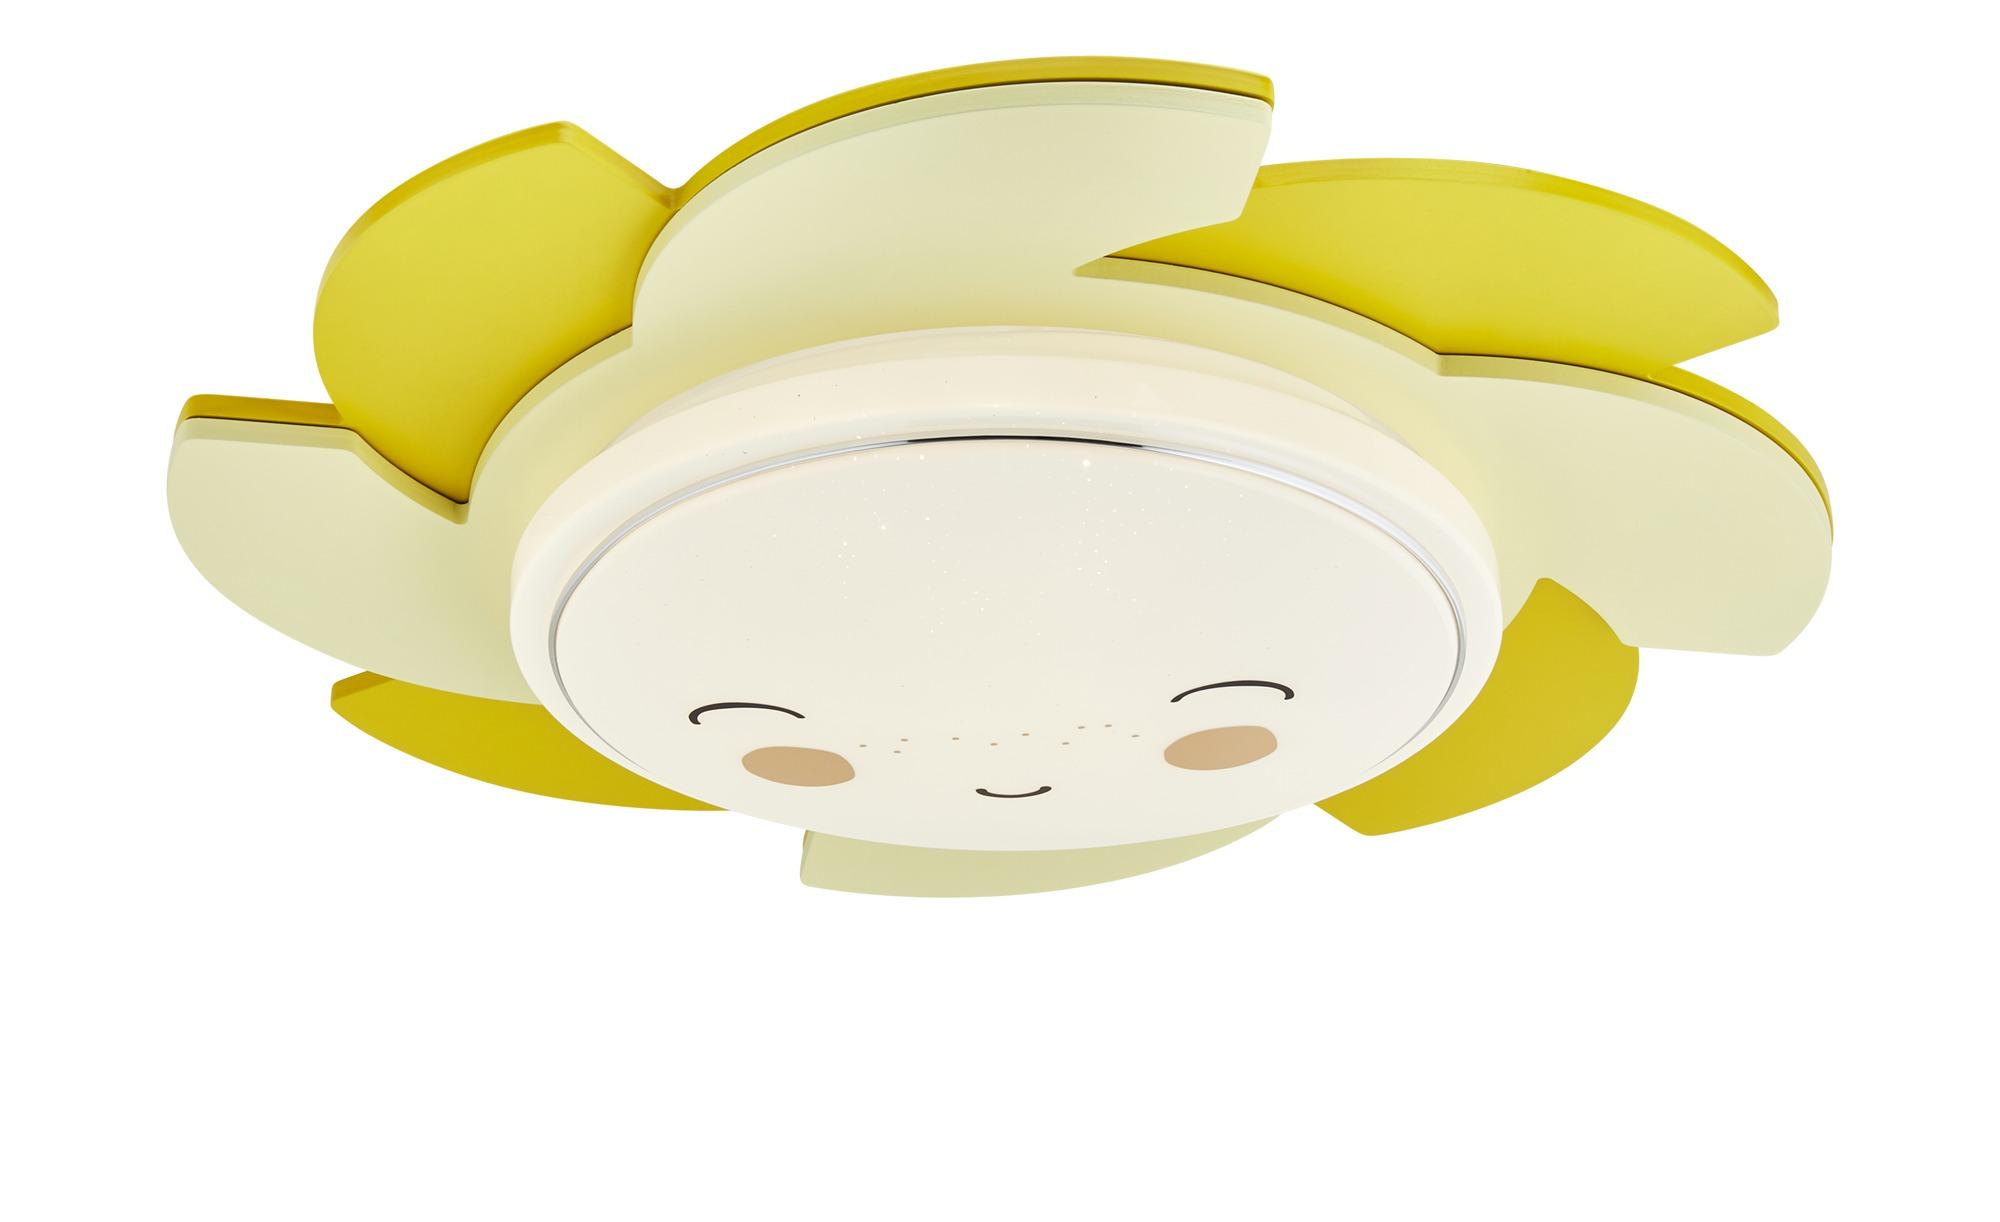 LED-Deckenleuchte, Gelb  Starlight ¦ gelb ¦ Maße (cm): H: 20 Ø: [60.0] Lampen & Leuchten > Innenleuchten > Kinderlampen - Höffner